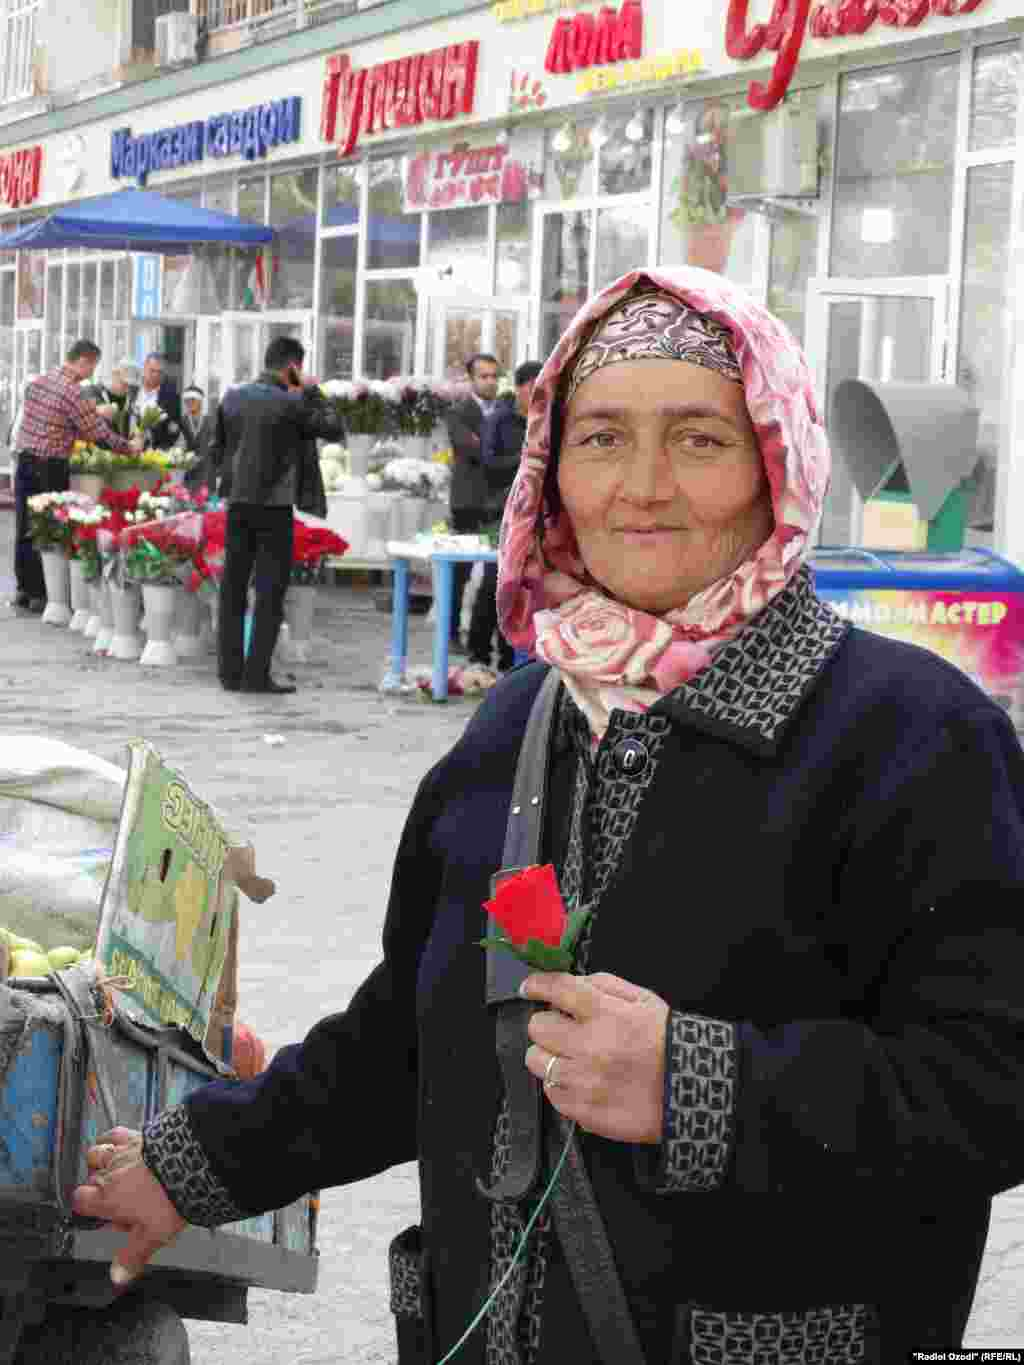 Ринок у Душанбе, Таджикистан